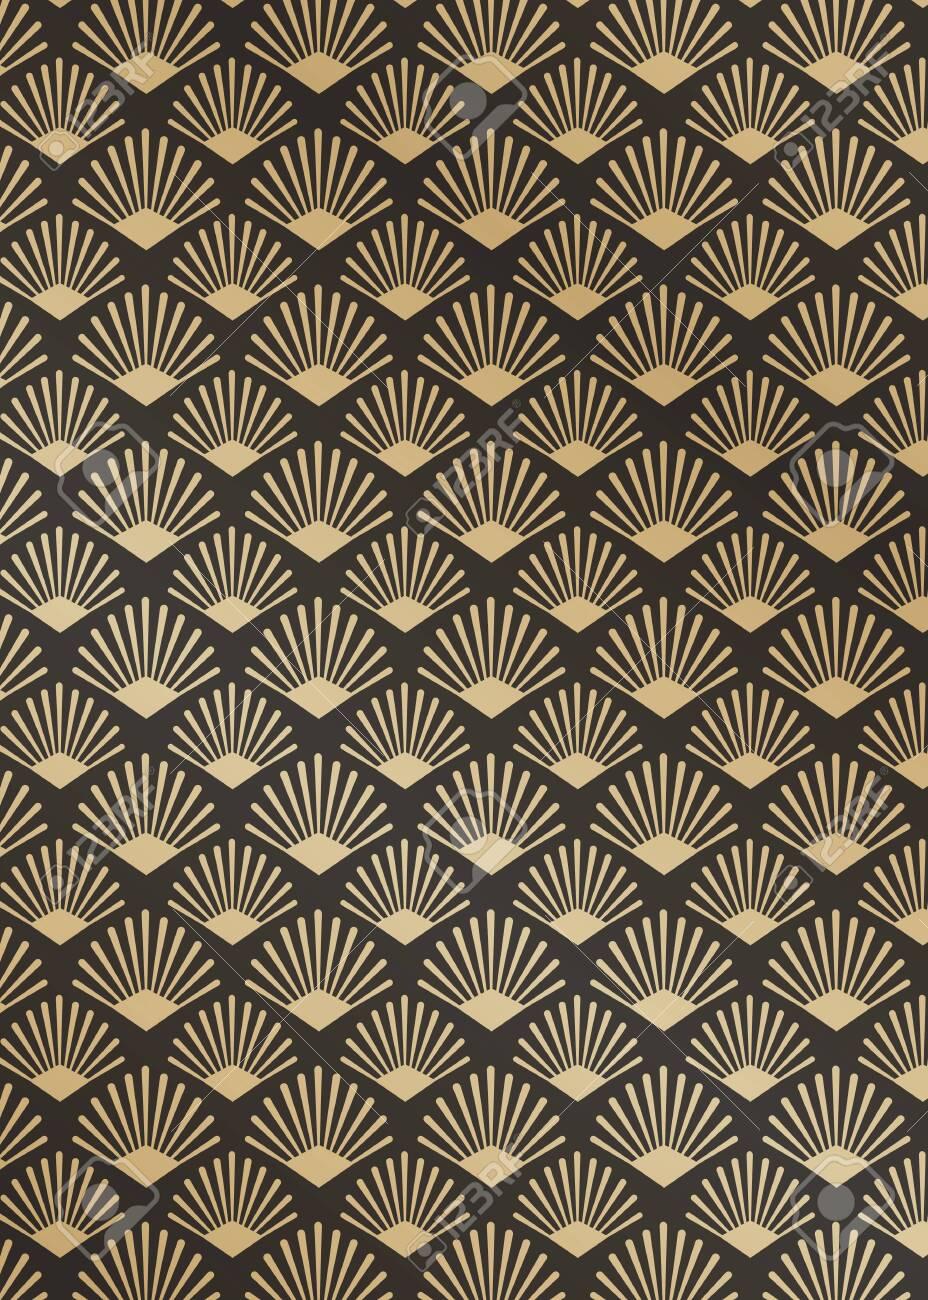 Modern golden gatsby pattern design vector - 120963804